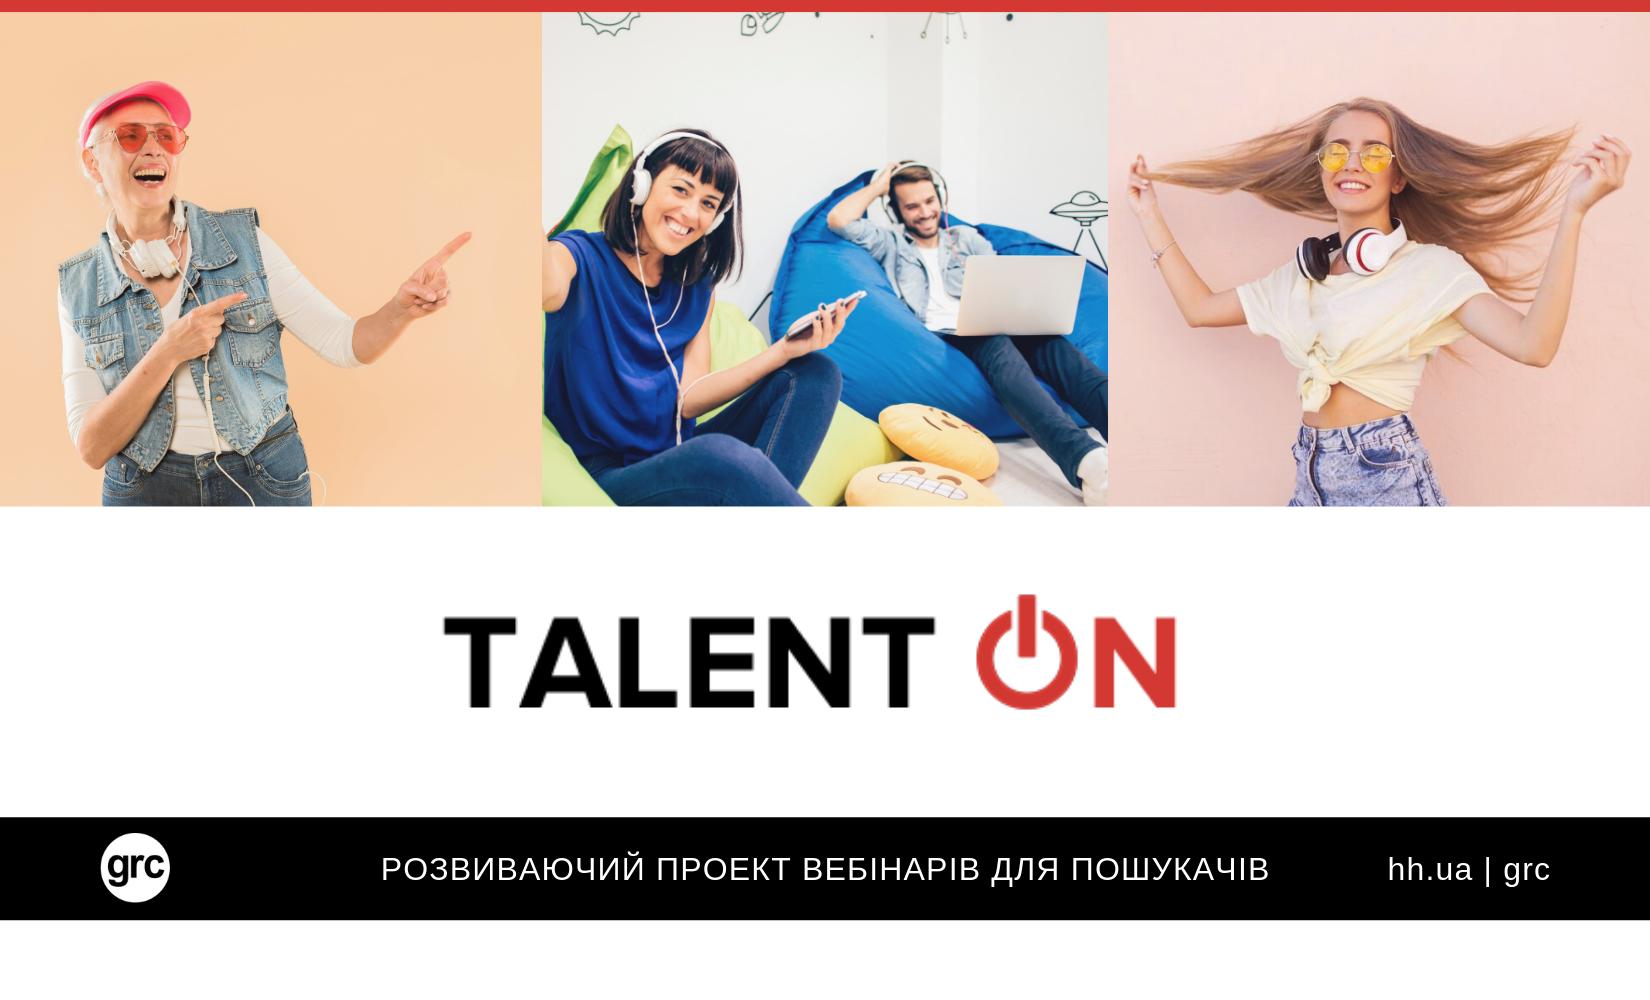 TALENT ON – новий проект, який знаходить і вмикає таланти у кожному